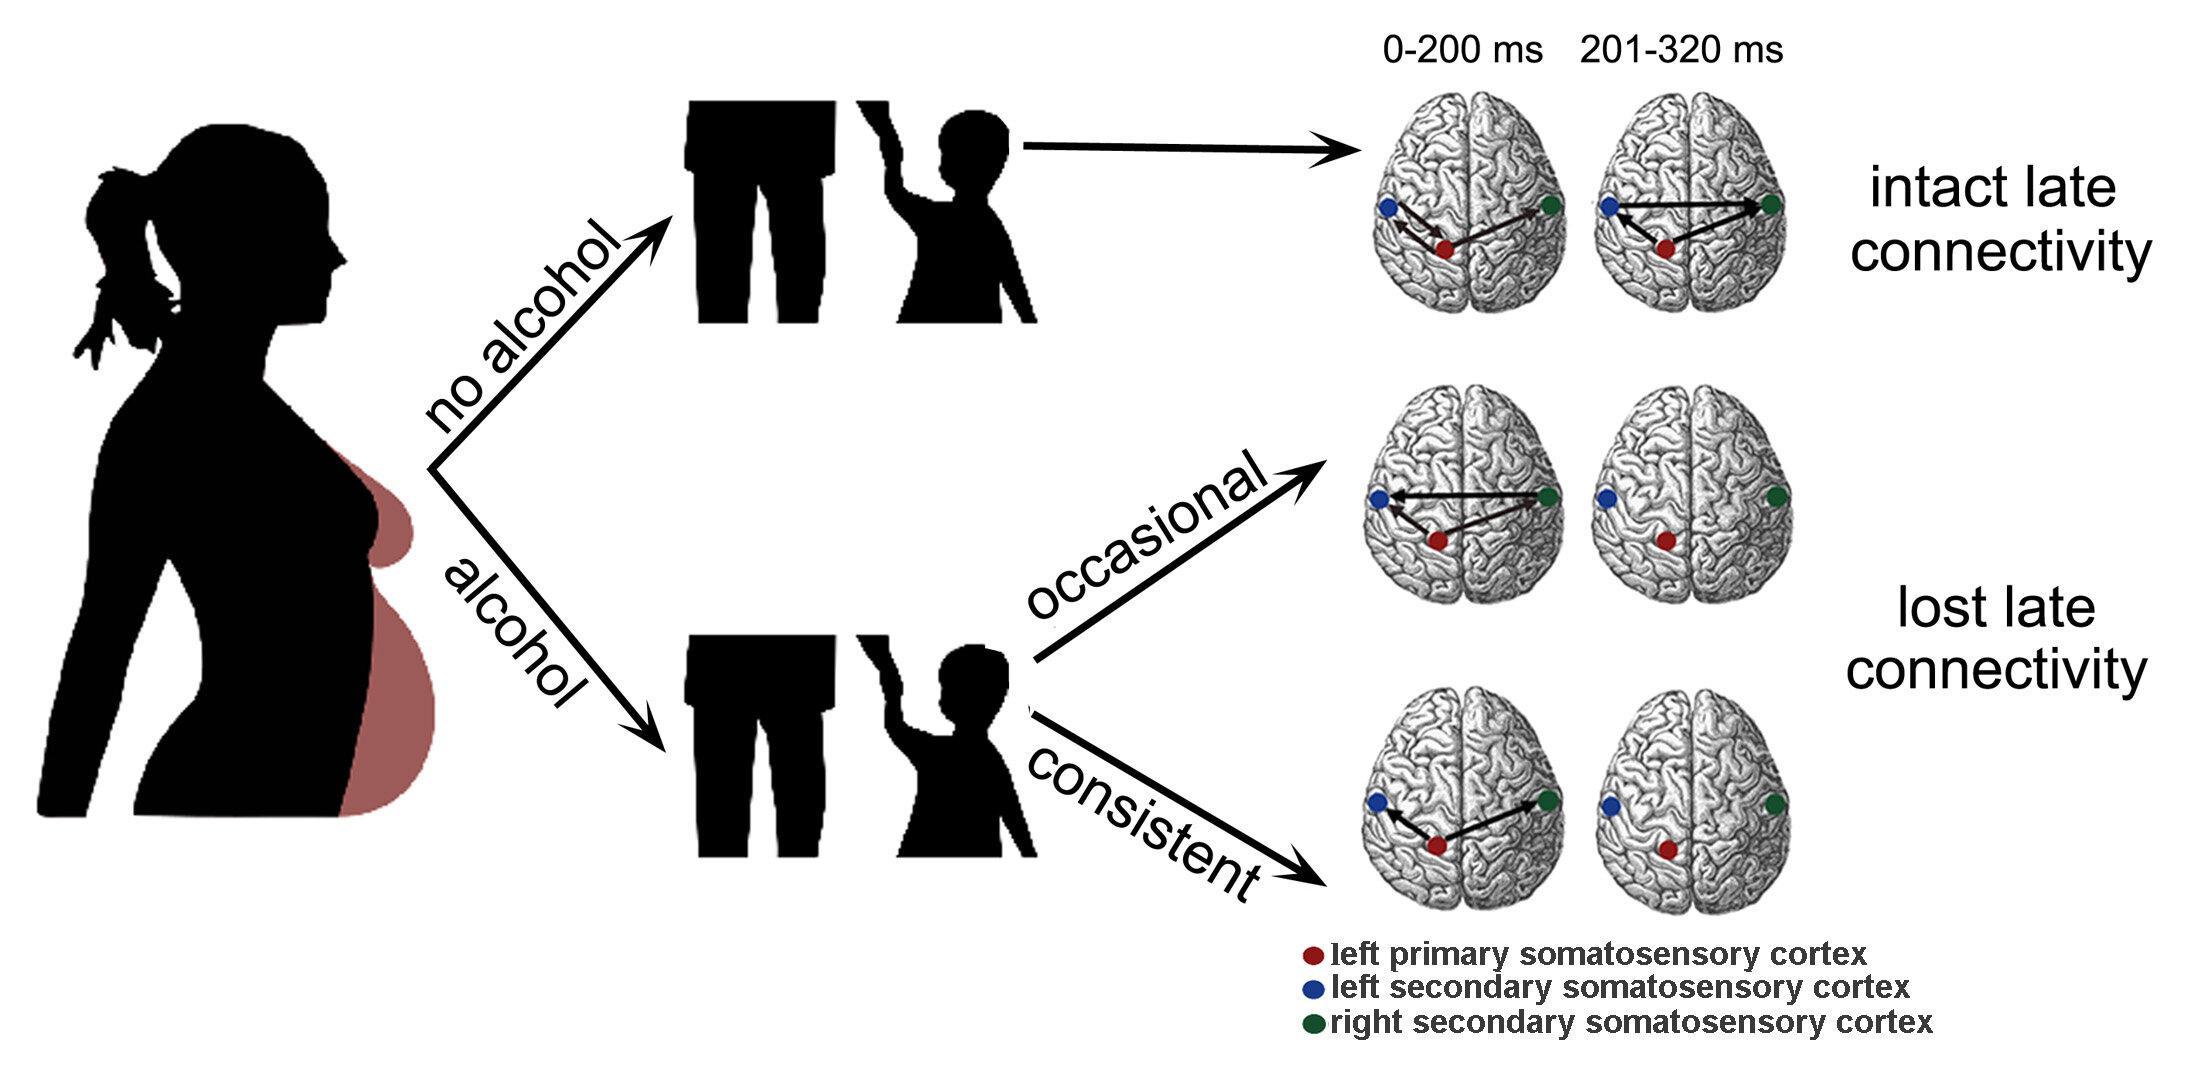 Любая доза алкоголя при беременности нарушает связь между полушариями мозга плода